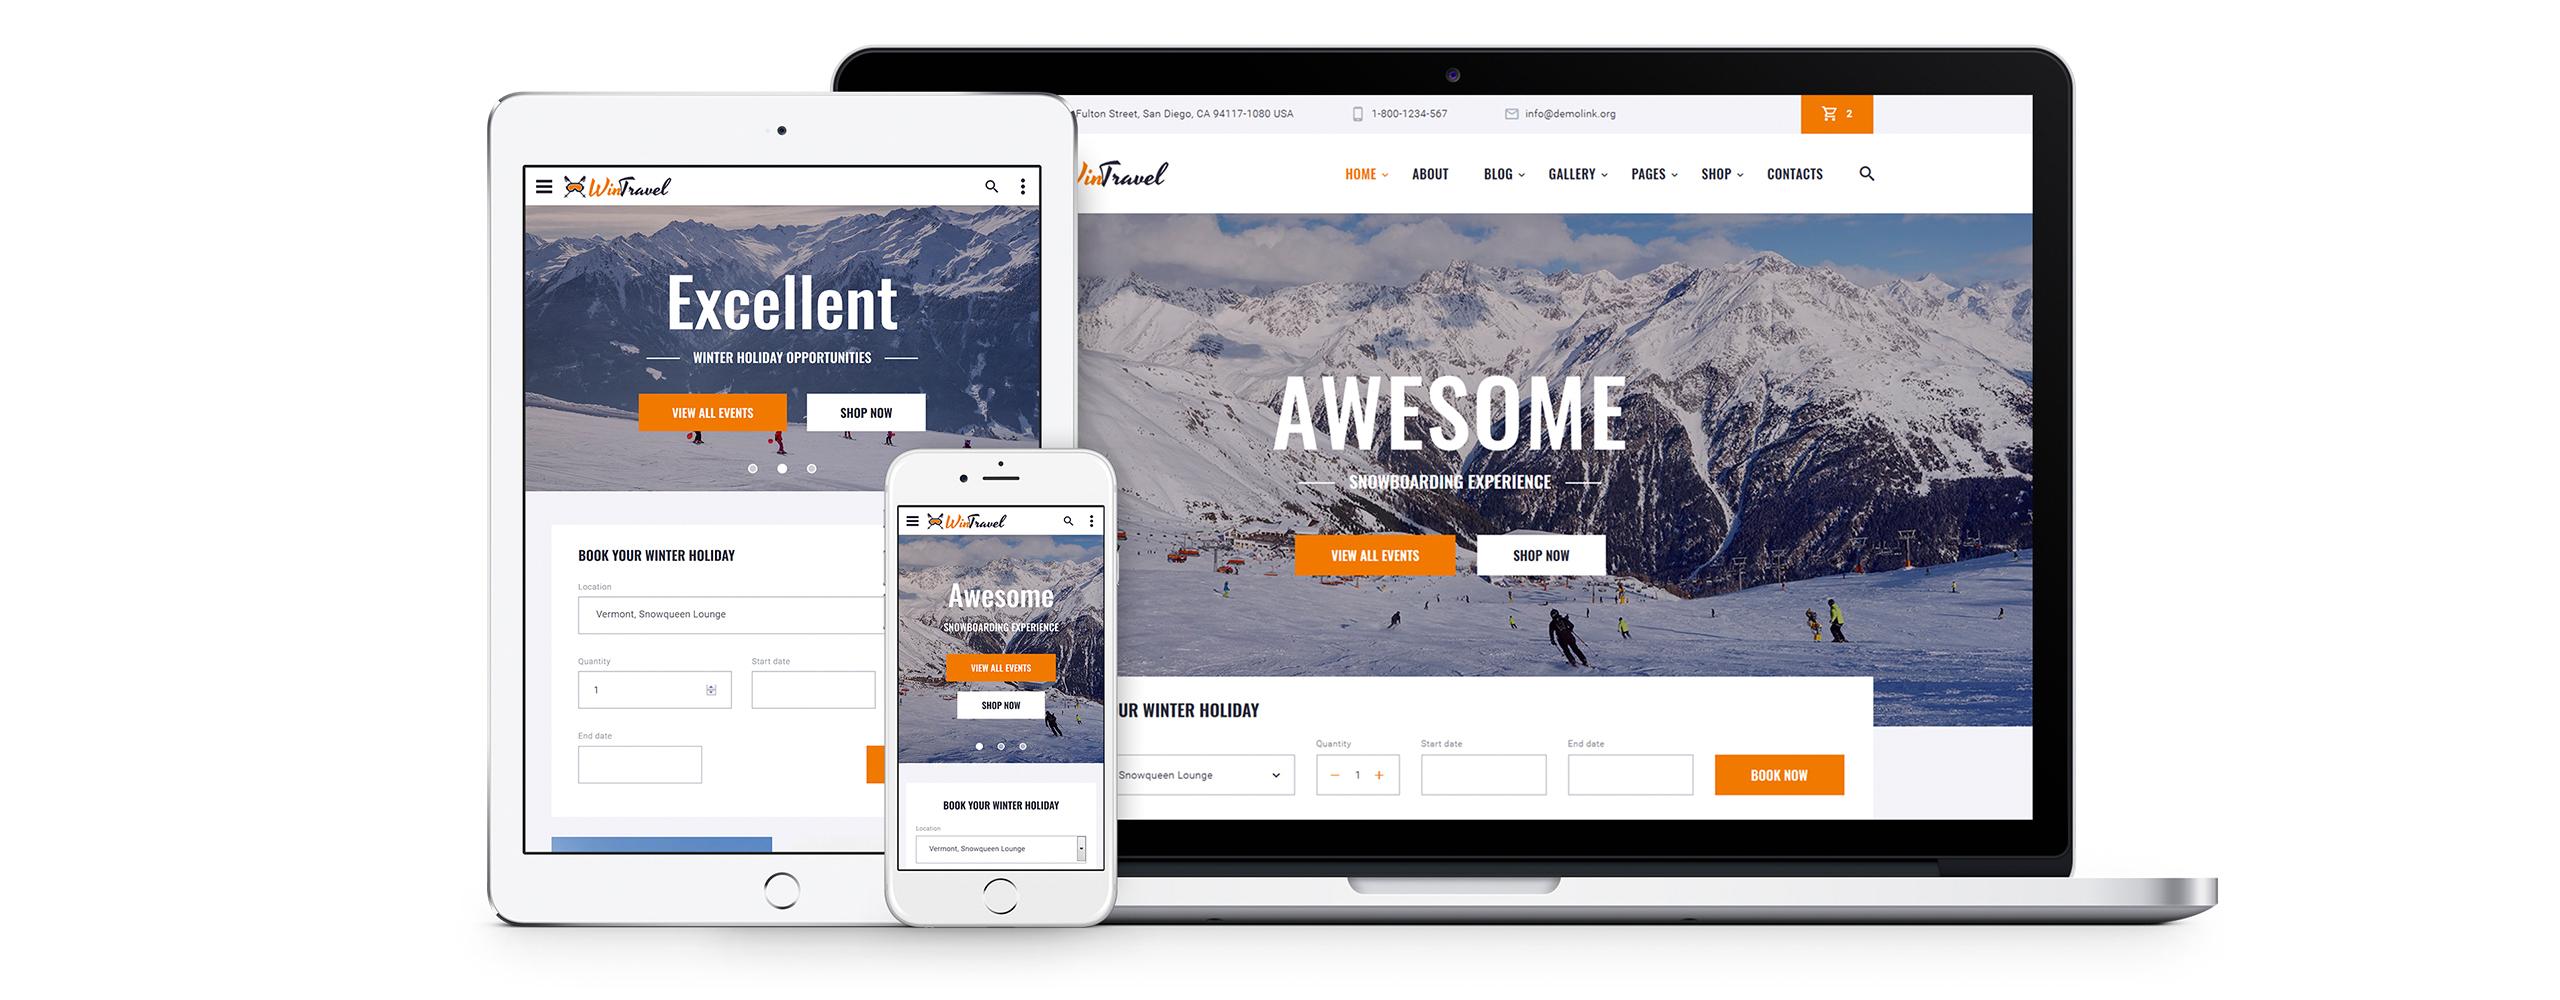 WinTravel Website Template